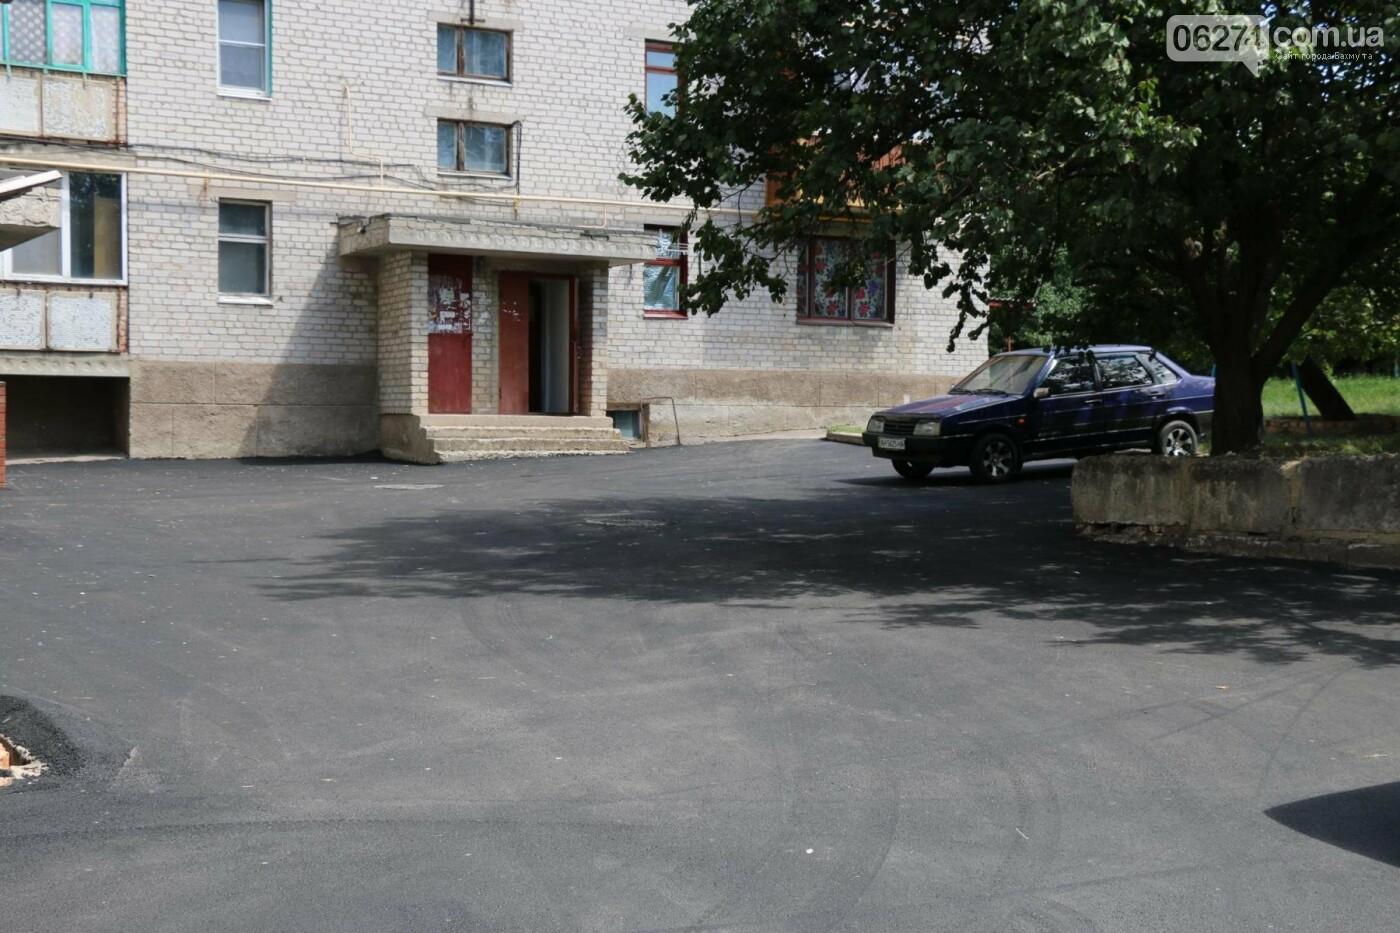 В Бахмуте капитально ремонтируют придомовые территории, фото-3